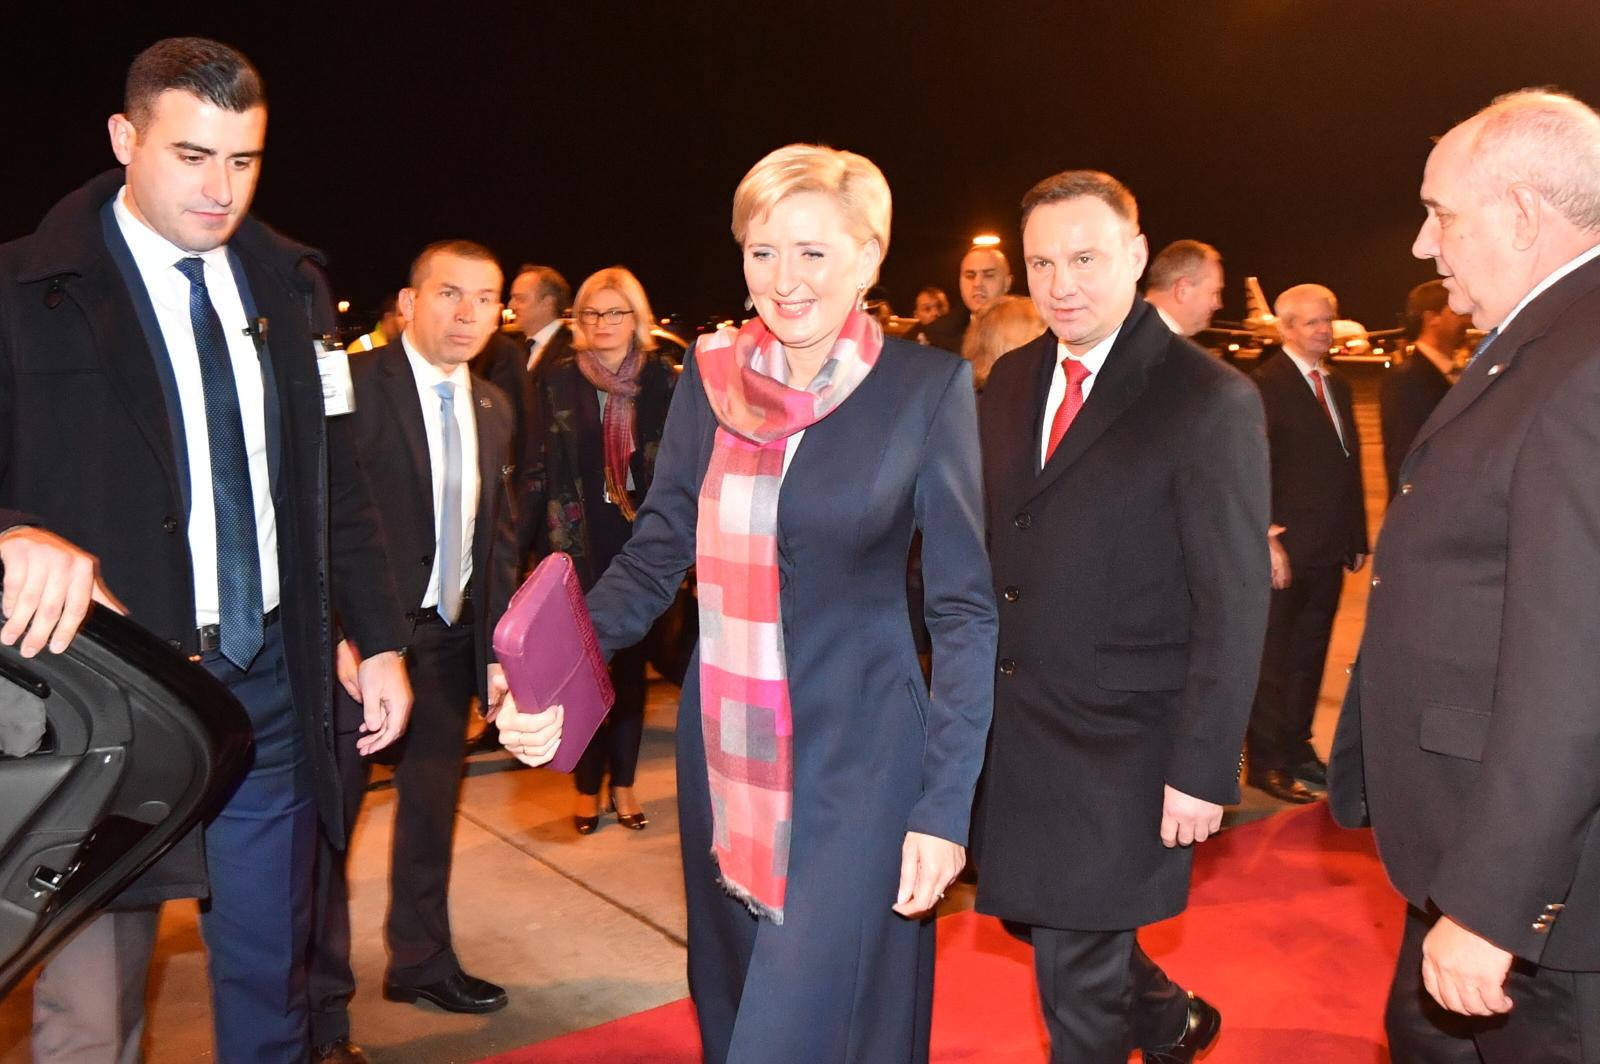 Prezydent Andrzej Duda (C-P) wraz z małżonką Agatą Kornhauser-Dudą na lotnisku w Atenach.